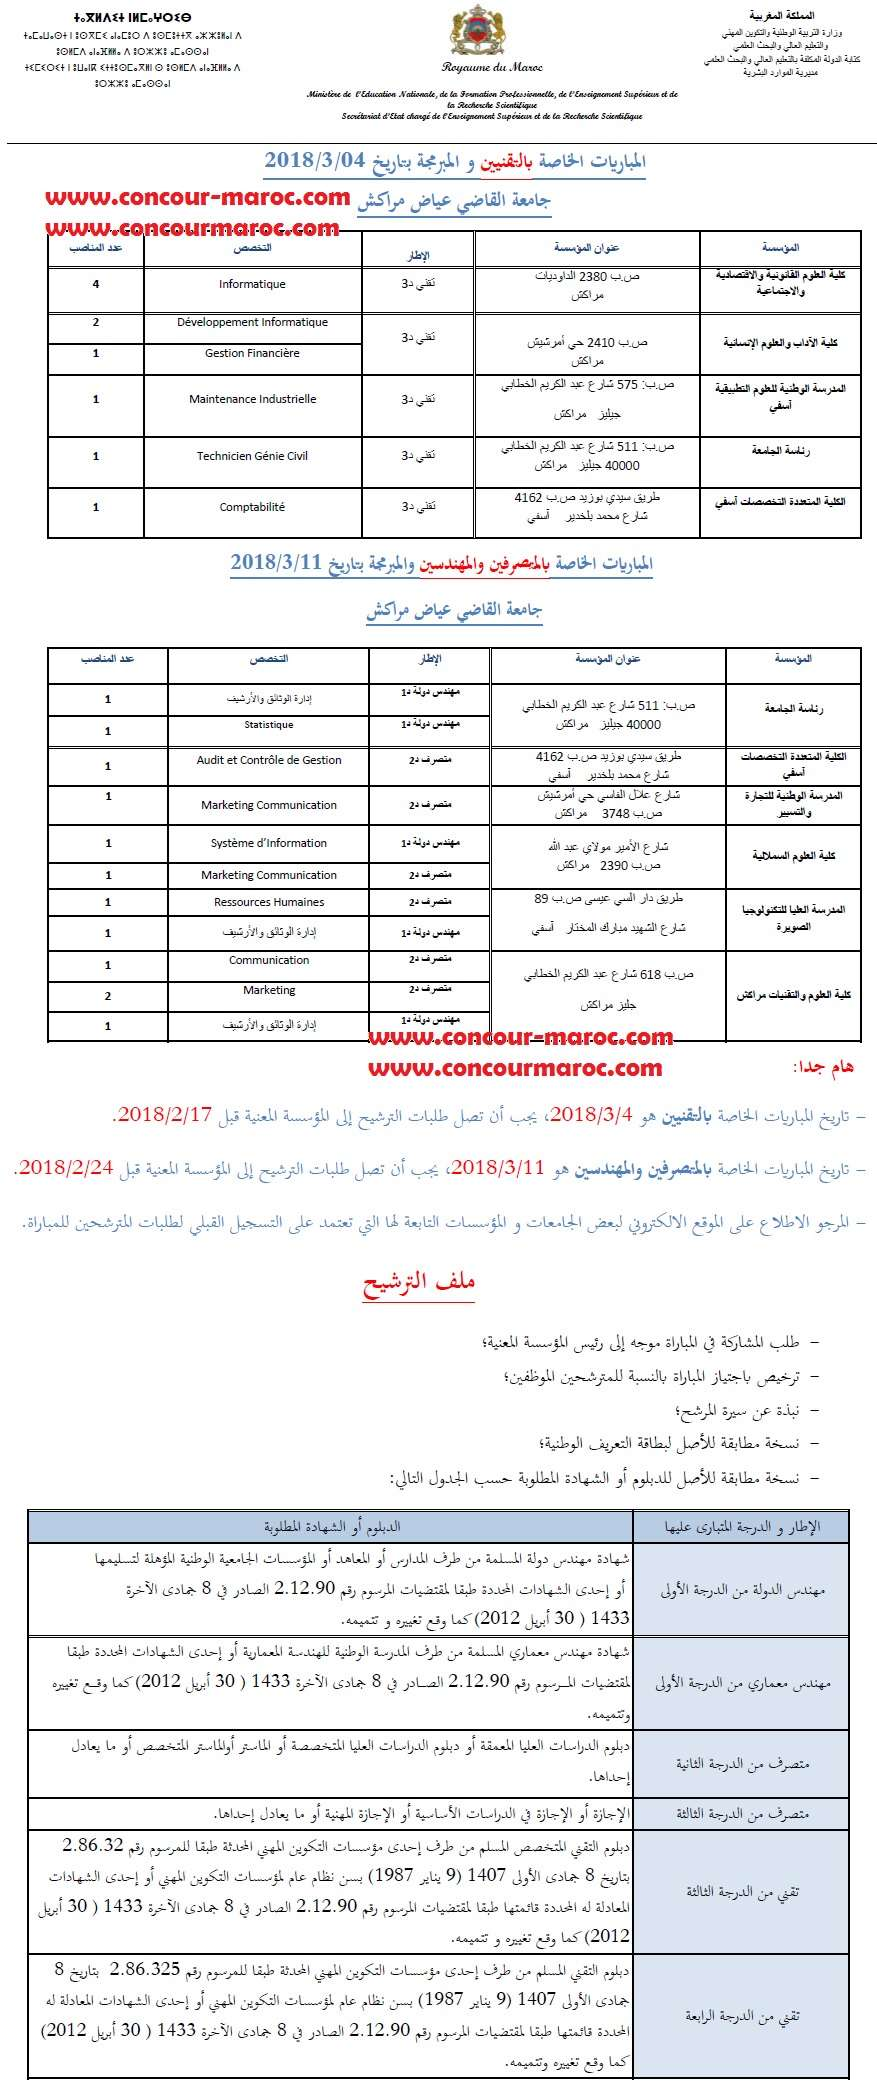 جامعة القاضي عياض : مباراة لتوظيف 7 متصرف من الدرجة الثانية و 5 مهندس من الدرجة الأولى آخر أجل 24 فبراير 2018 Concou96